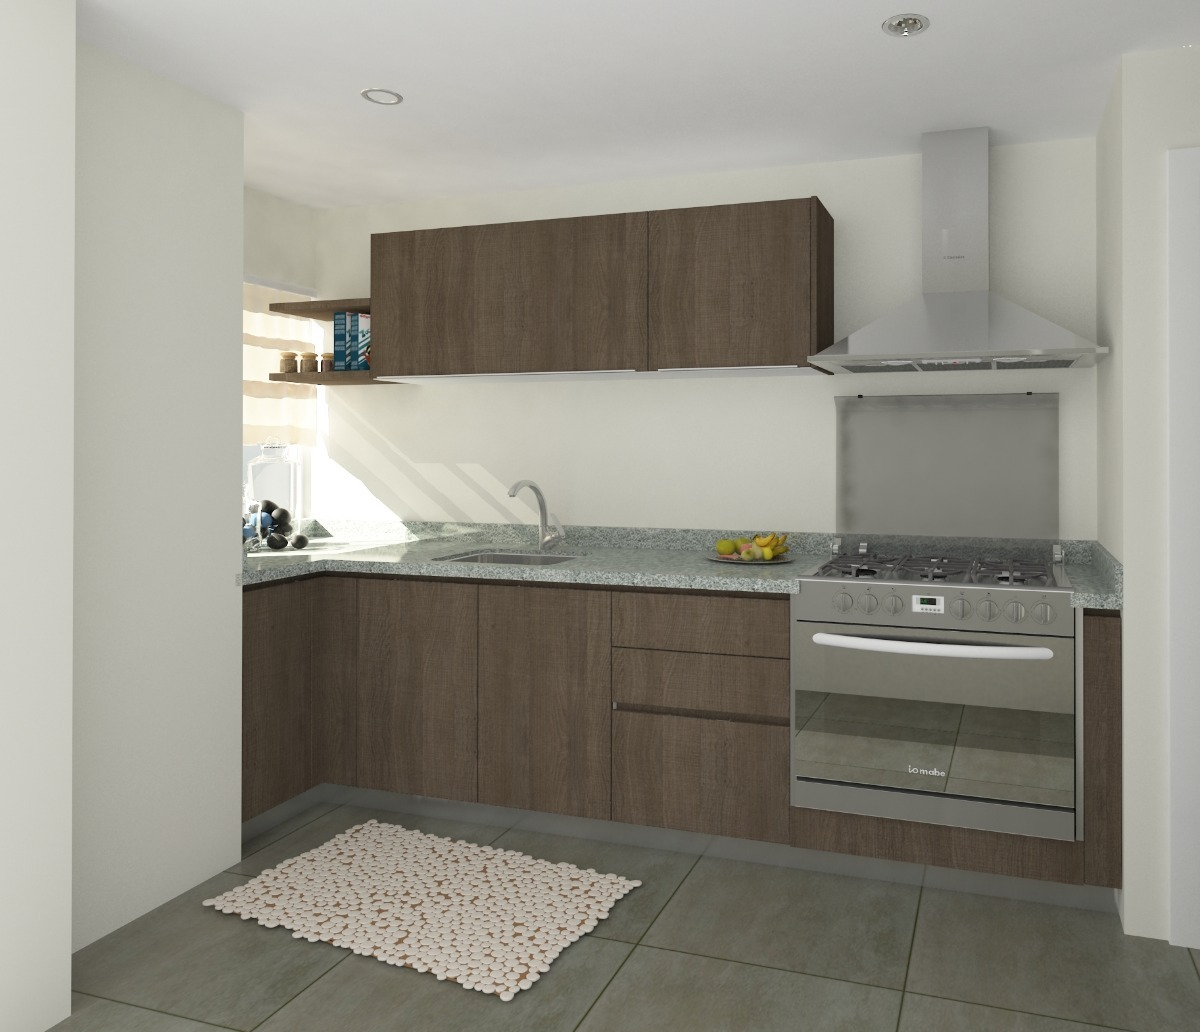 Único Diseñadores De Cocinas Danbury Ct Componente - Ideas de ...